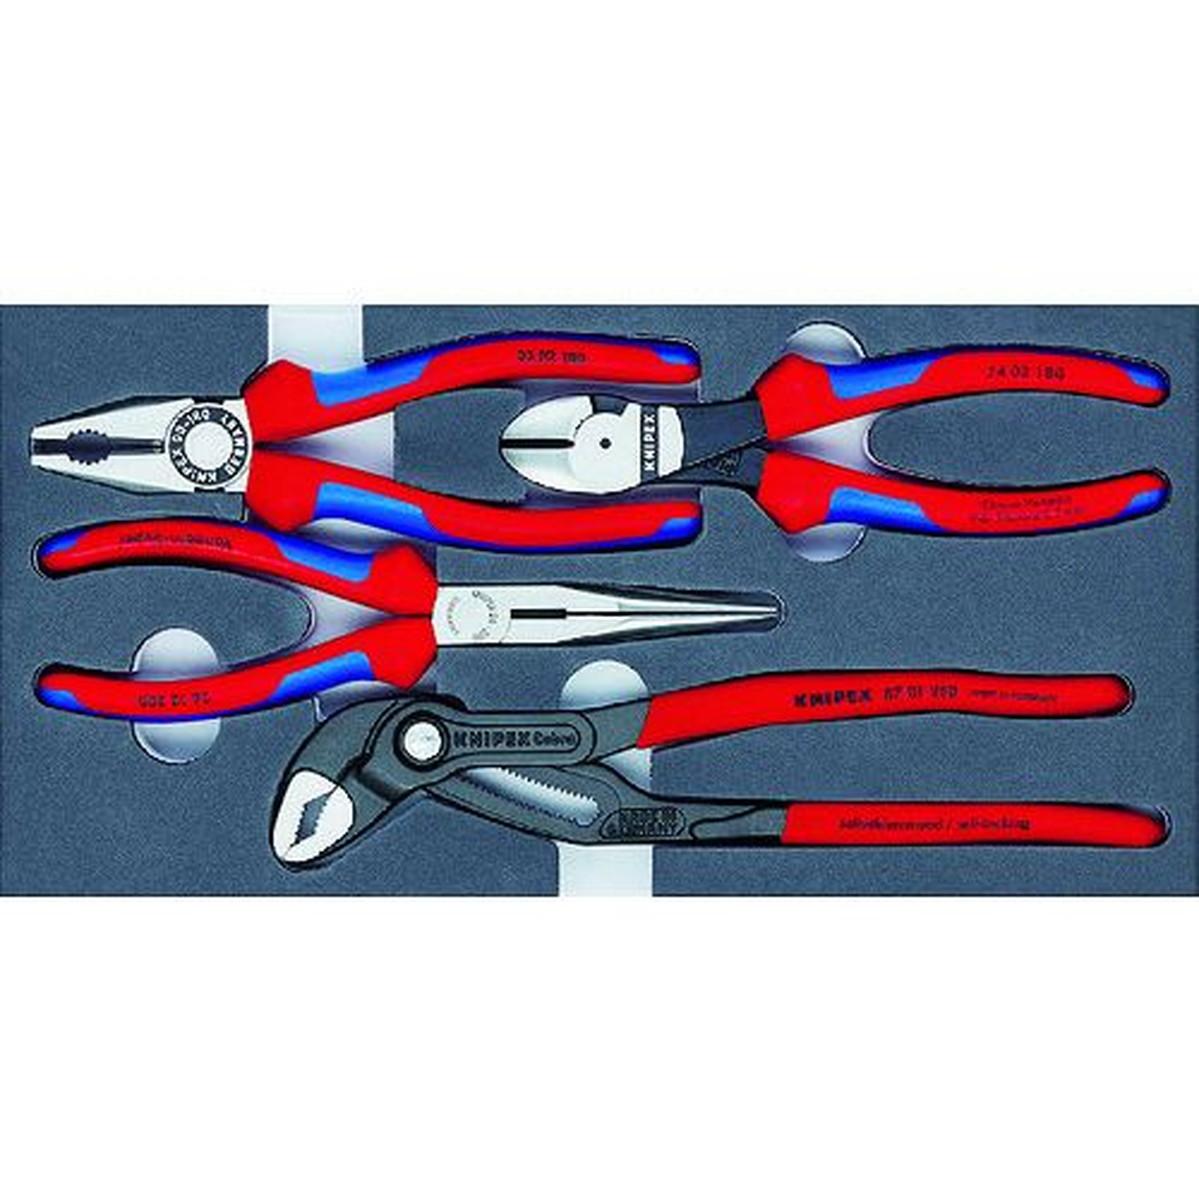 あす楽対応 100%品質保証! DIY用品 KNIPEX 002001V15 プライヤーセット 安値 ウレタントレイ入り 1S